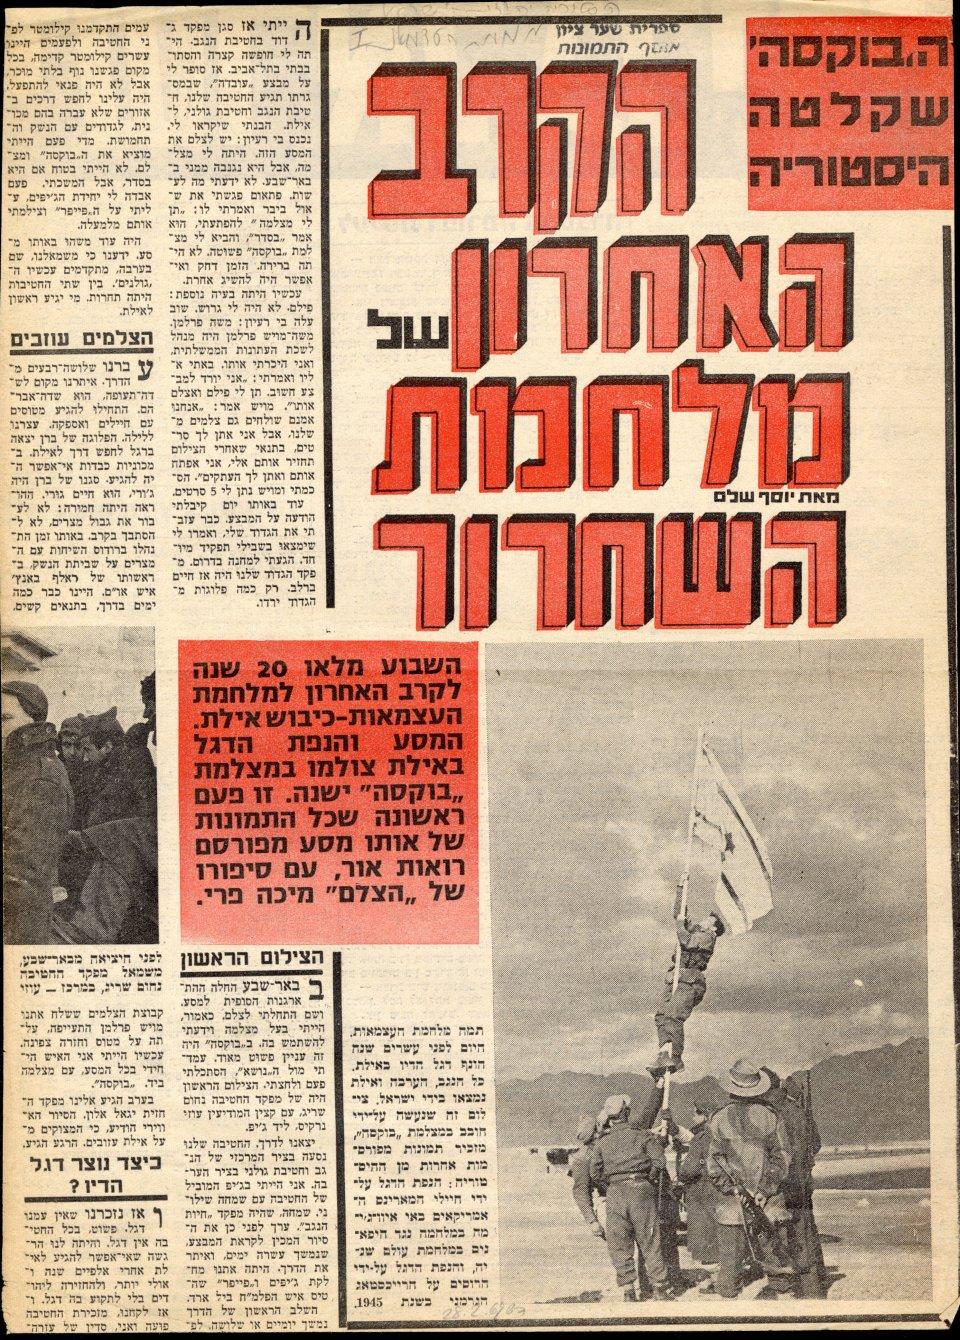 כתבה דבר השבוע 28 פברואר 1969 צילום מיכה פרי הנפת דגל הדיו